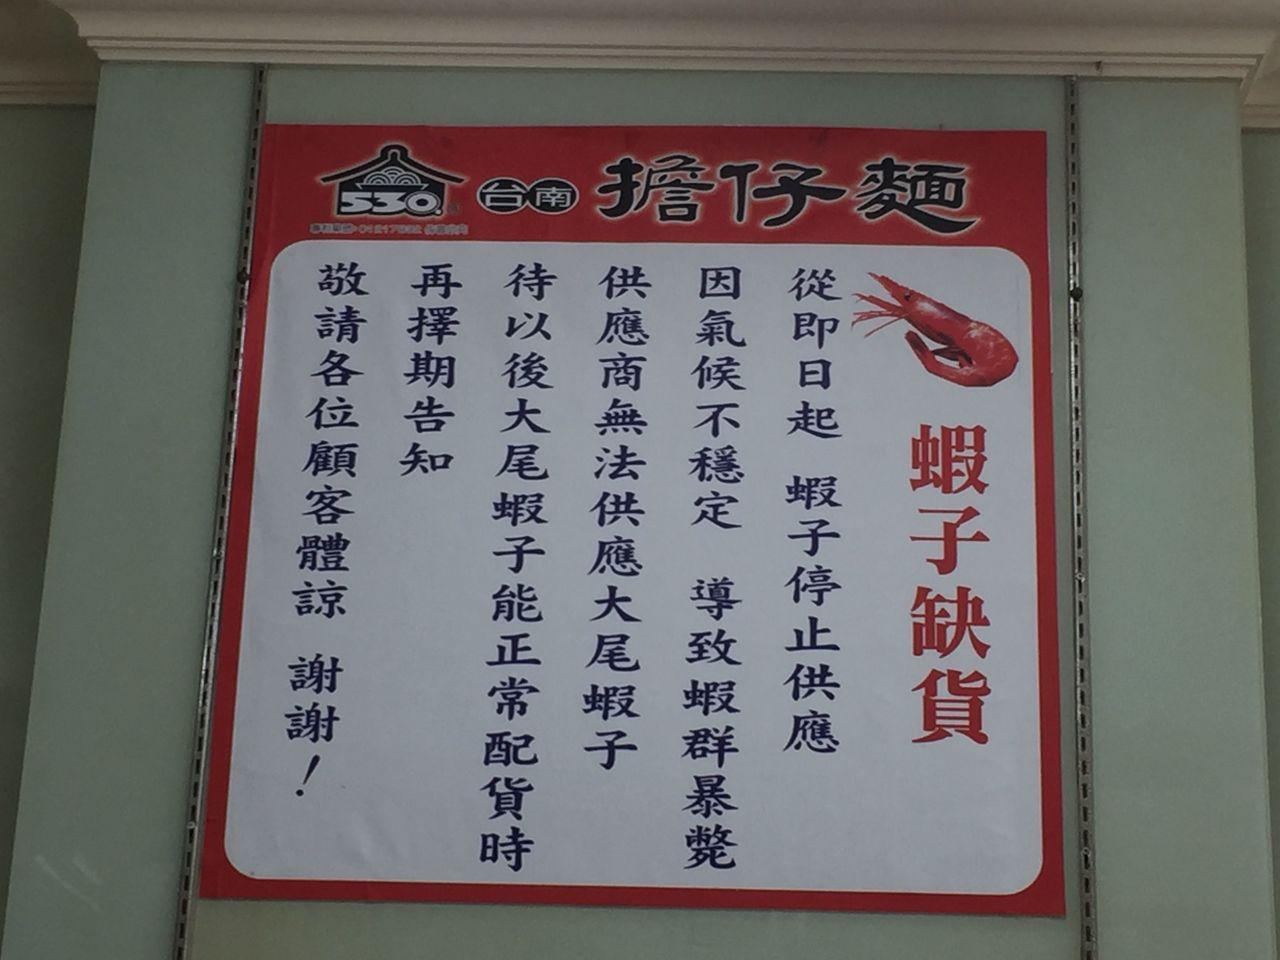 大白蝦減產缺貨價格飆,嘉義市有家小吃麵店張貼公告,停止供應蝦子。記者魯永明/攝影